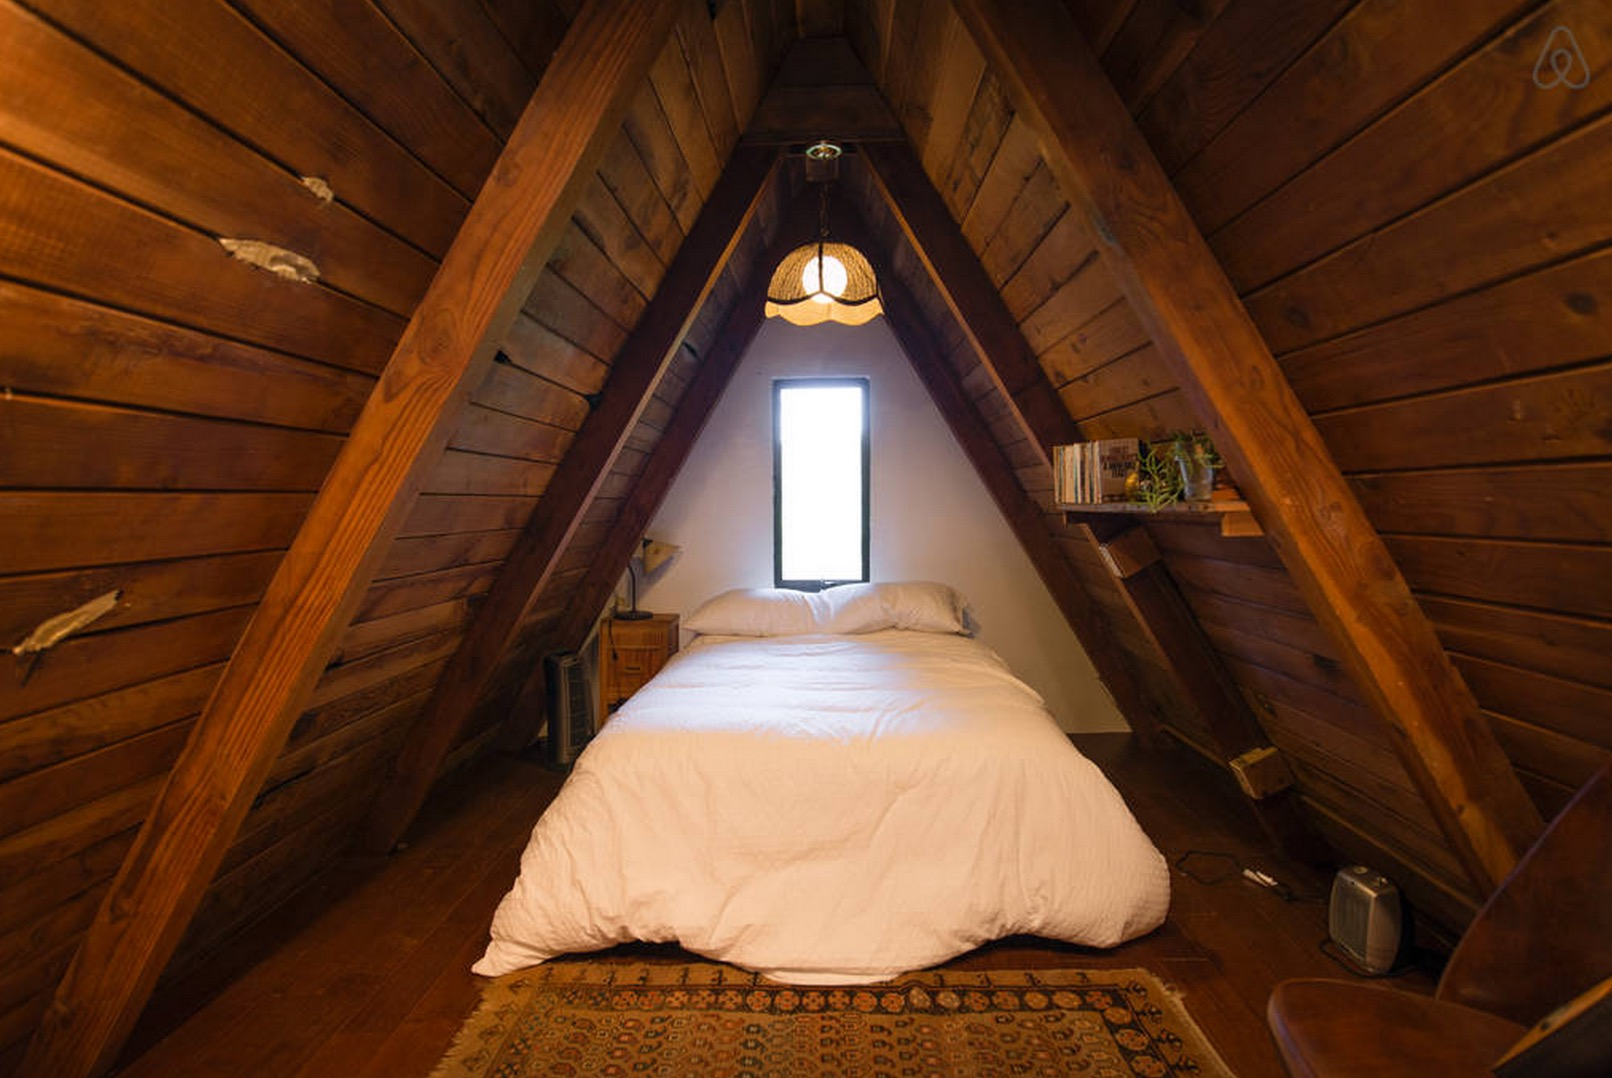 Cabin-Redwoods-Joli-Joli-Design-Cabine-04